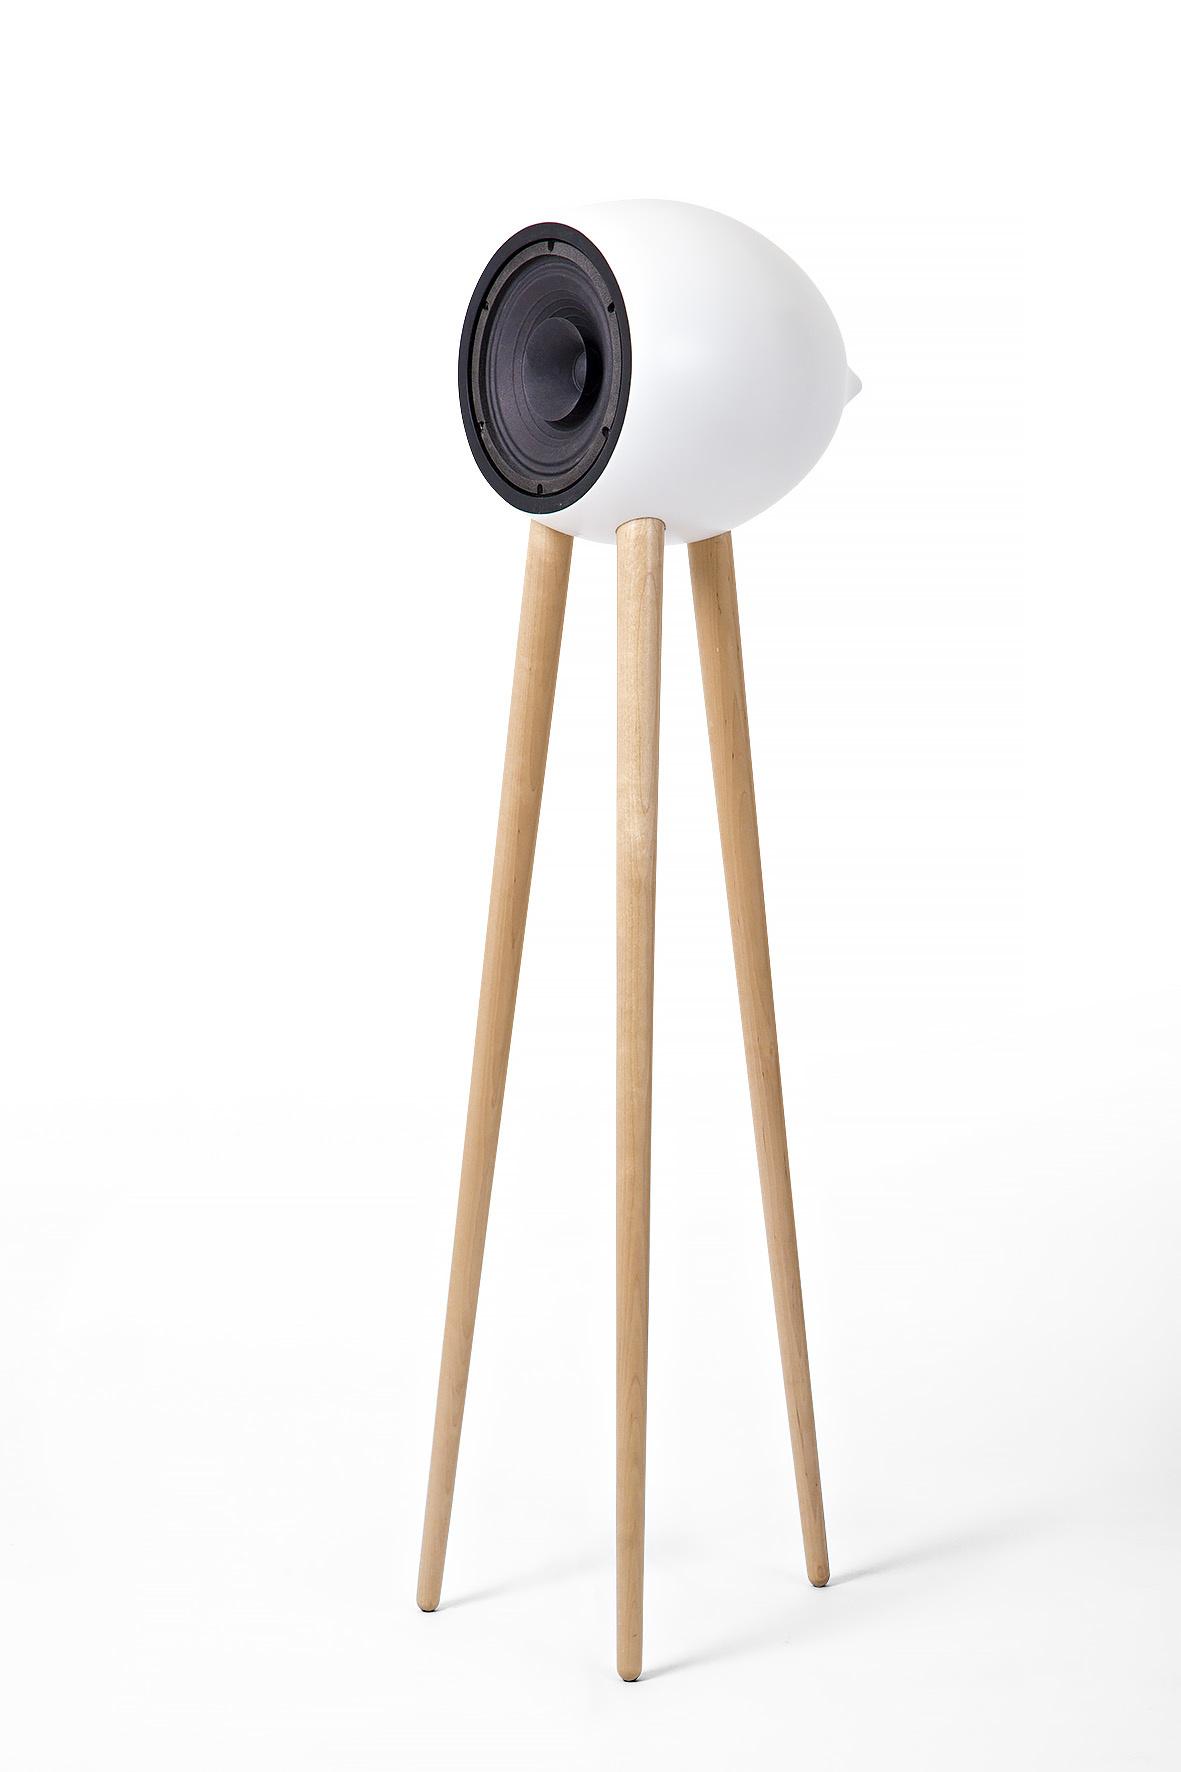 Мебель как искусство. Fineobjects — особый взгляд и грани прекрасного (галерея 5, фото 6)